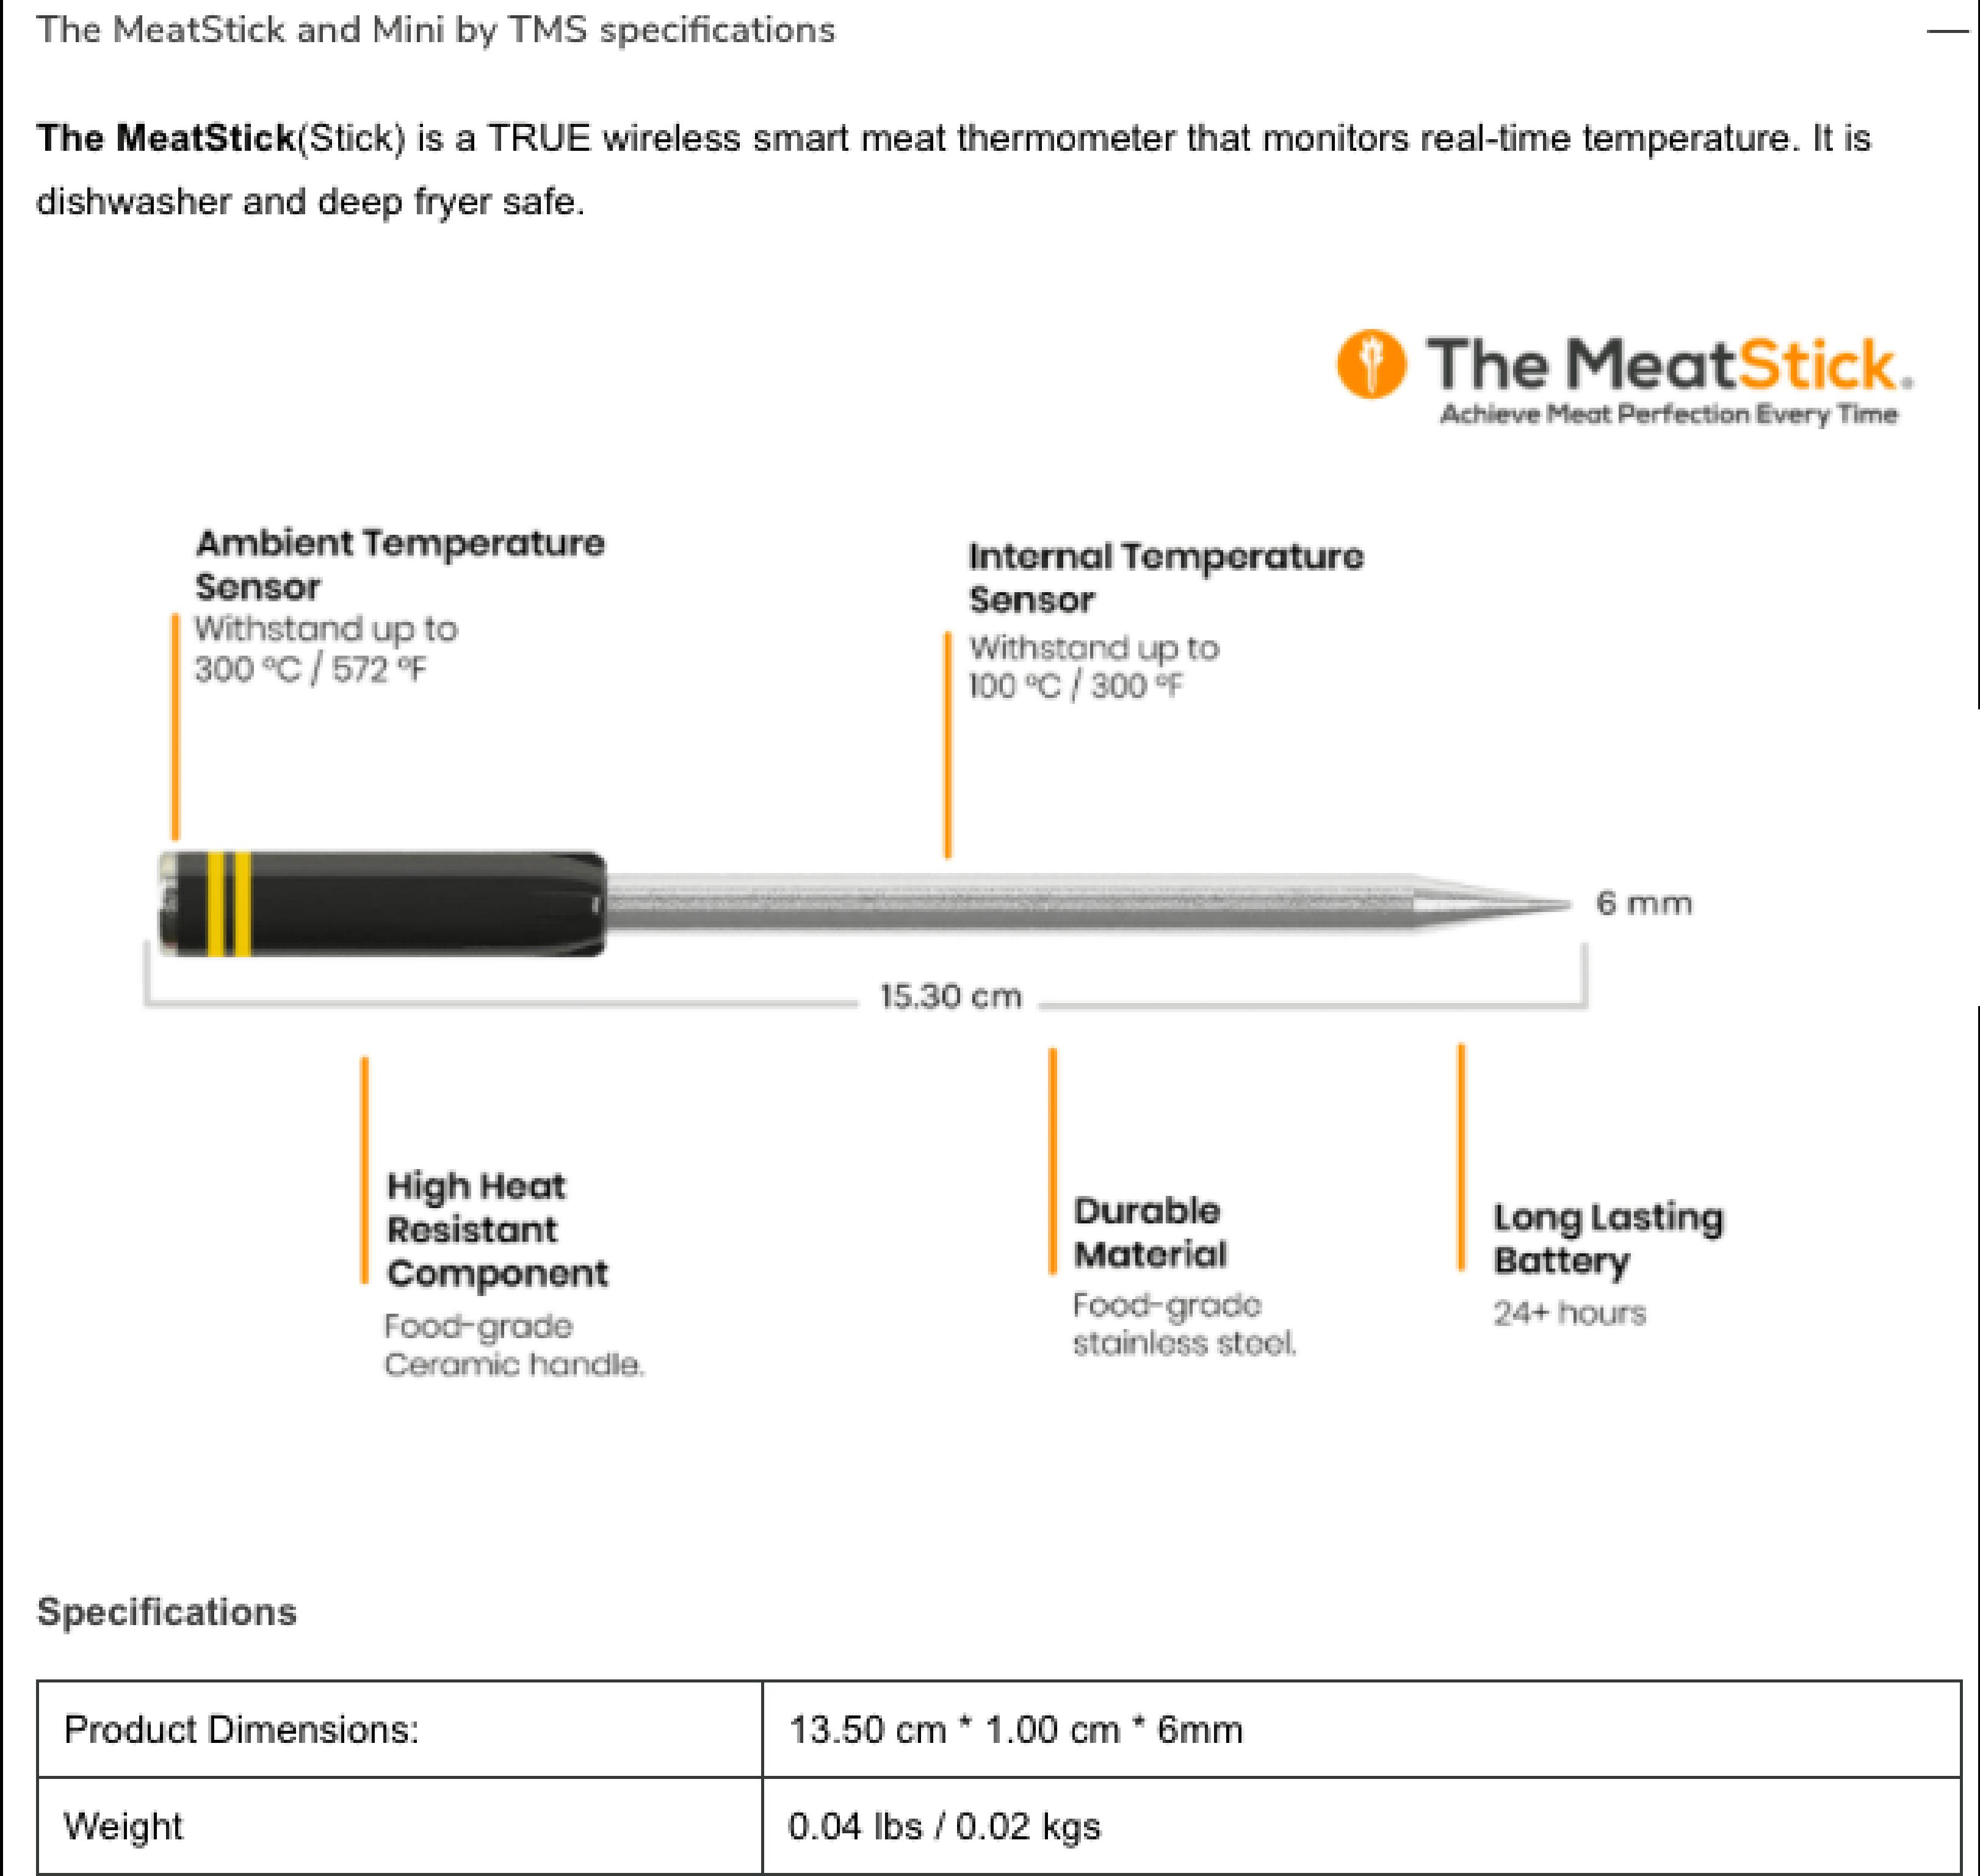 FAQ about meatstick